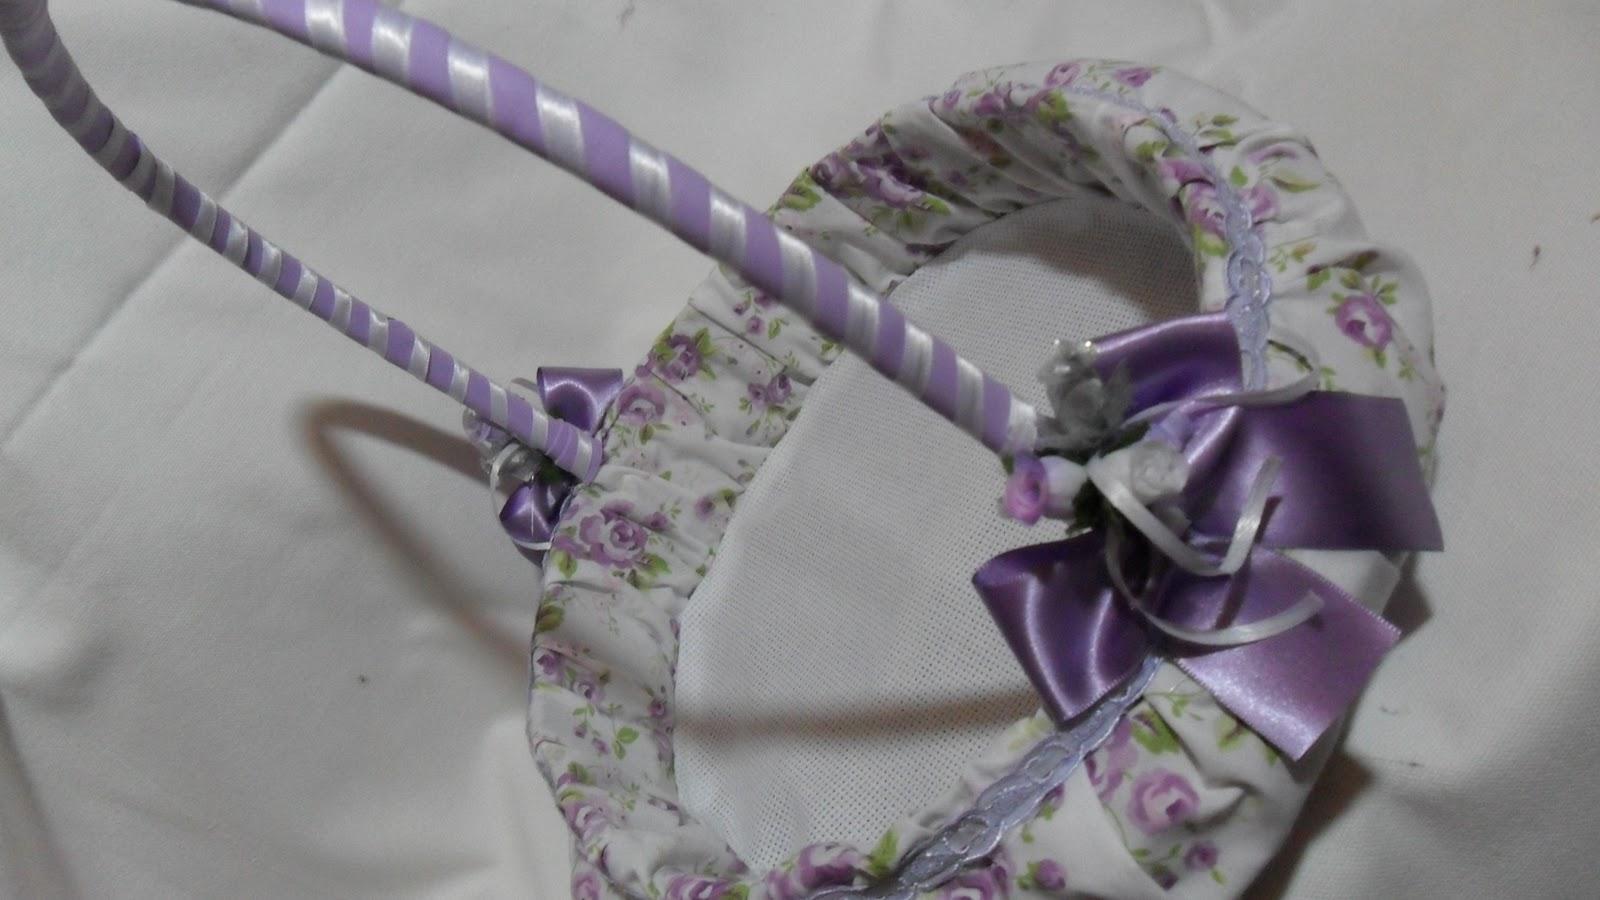 Mundo Encantado do Artesanato Cesta decorada com tecido